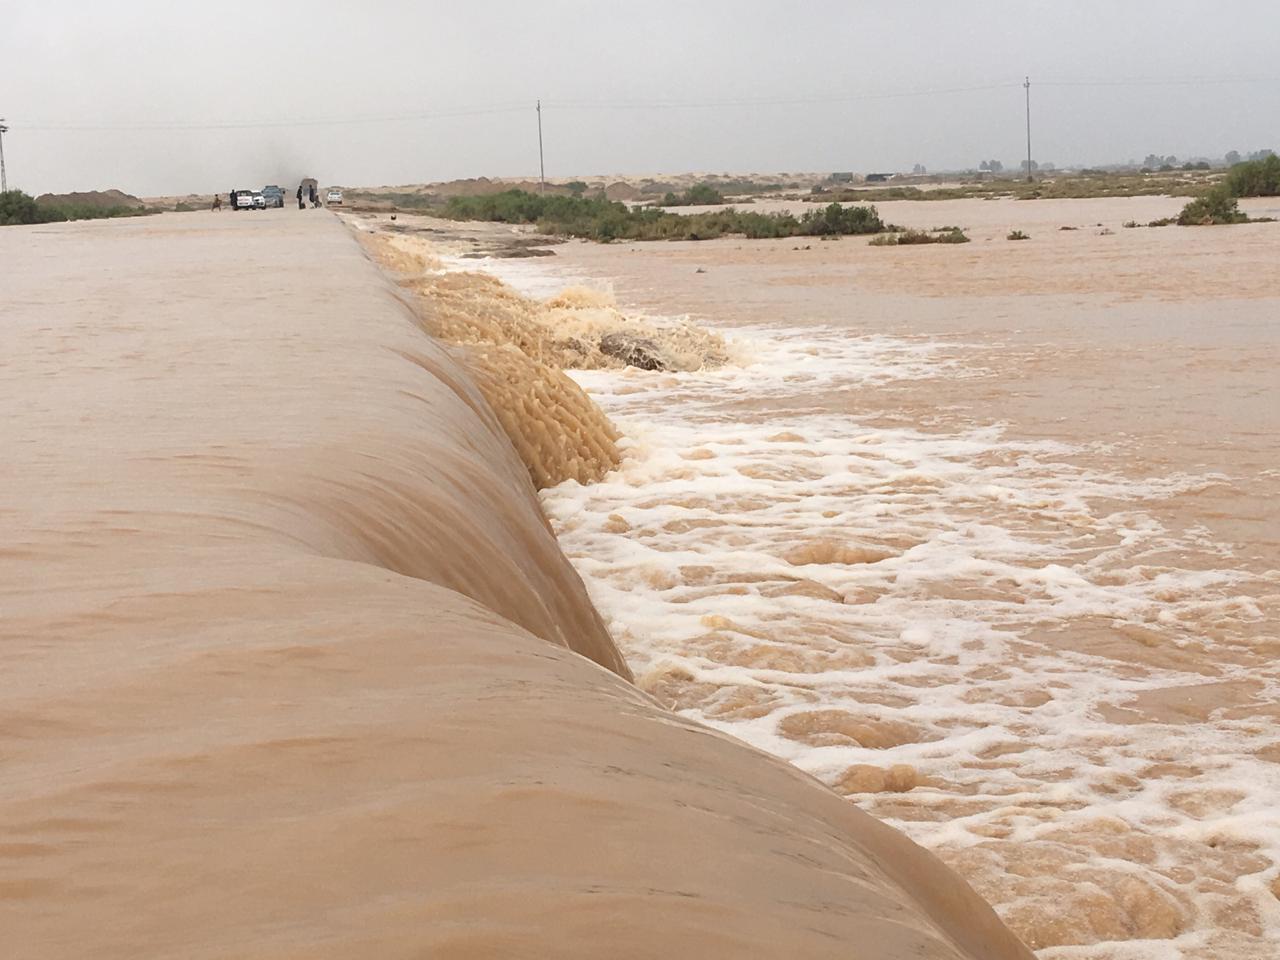 """الموارد المائية تشرح لـ""""الإخبارية"""" علاقة داعش بسيول الشرقاط ؟"""